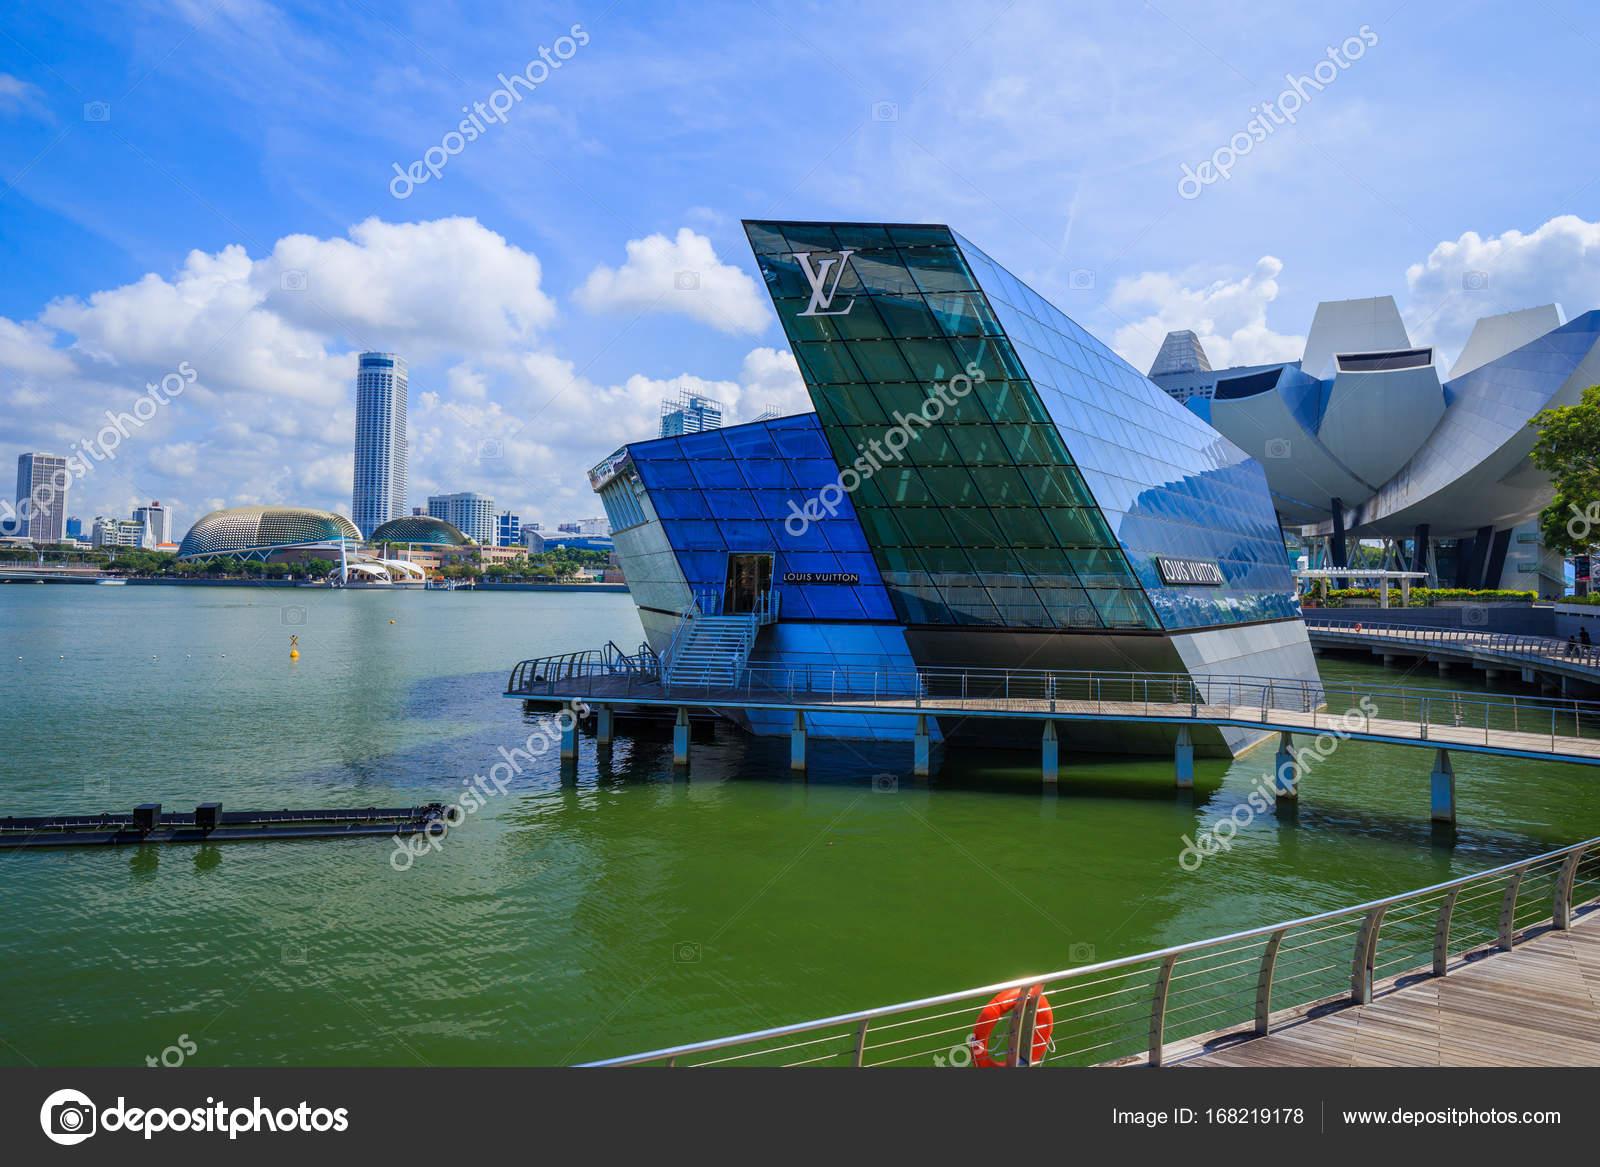 シンガポール , 2017 年 8 月 21 日 マリーナ ベイ フロント、2017 年 8 月 21 日にシンガポールで未来的な建物のルイ ・  ヴィトン ストア \u2014 [著者]の写真 geargodz